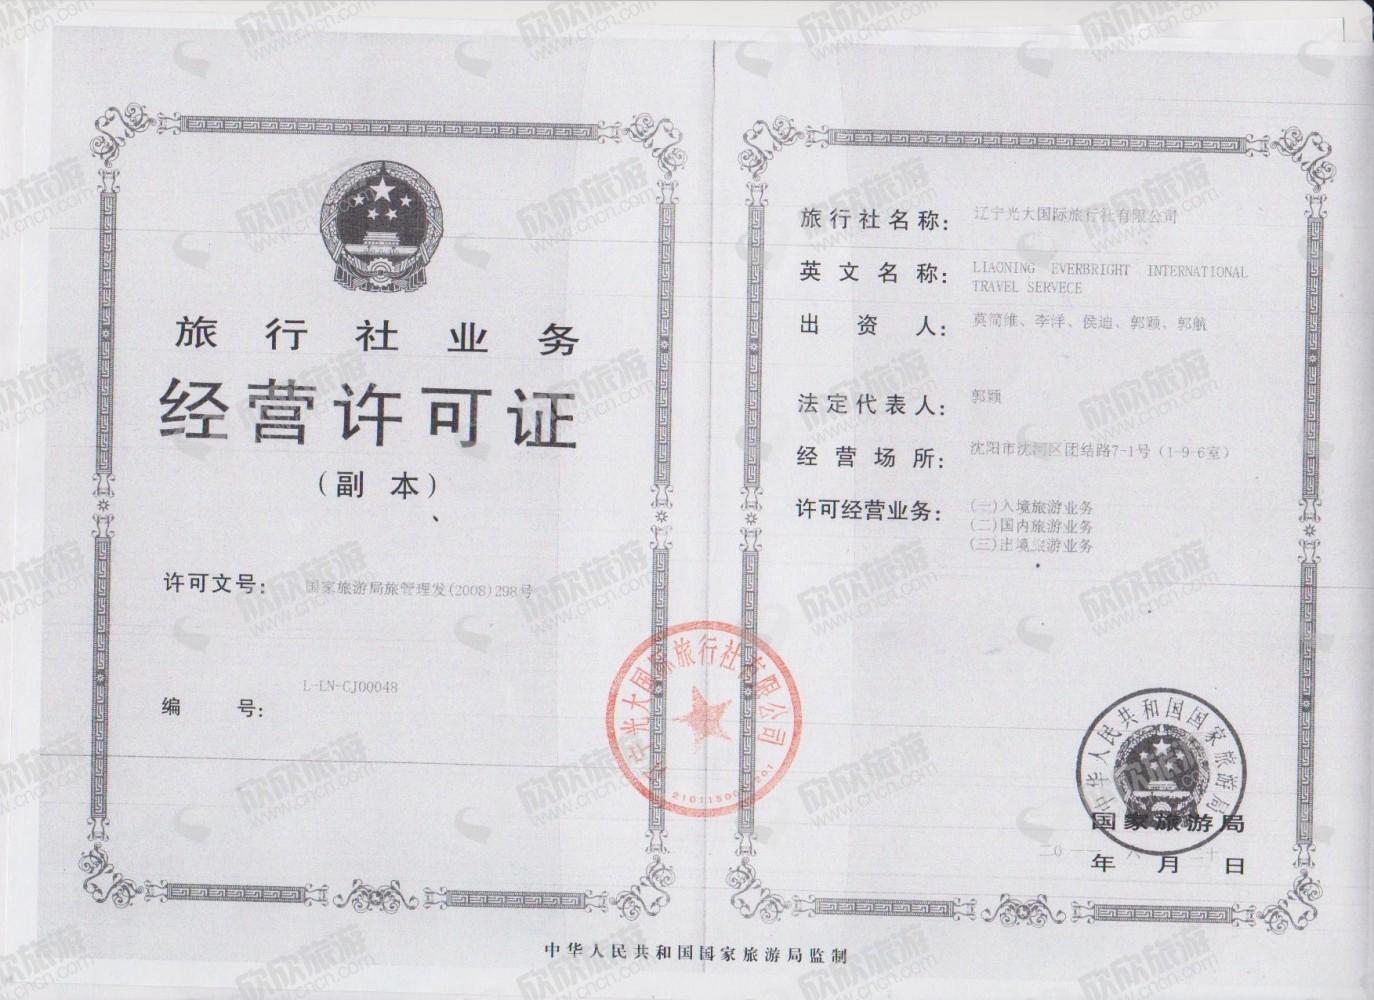 辽宁光大国际旅行社有限公司北站路营业部经营许可证